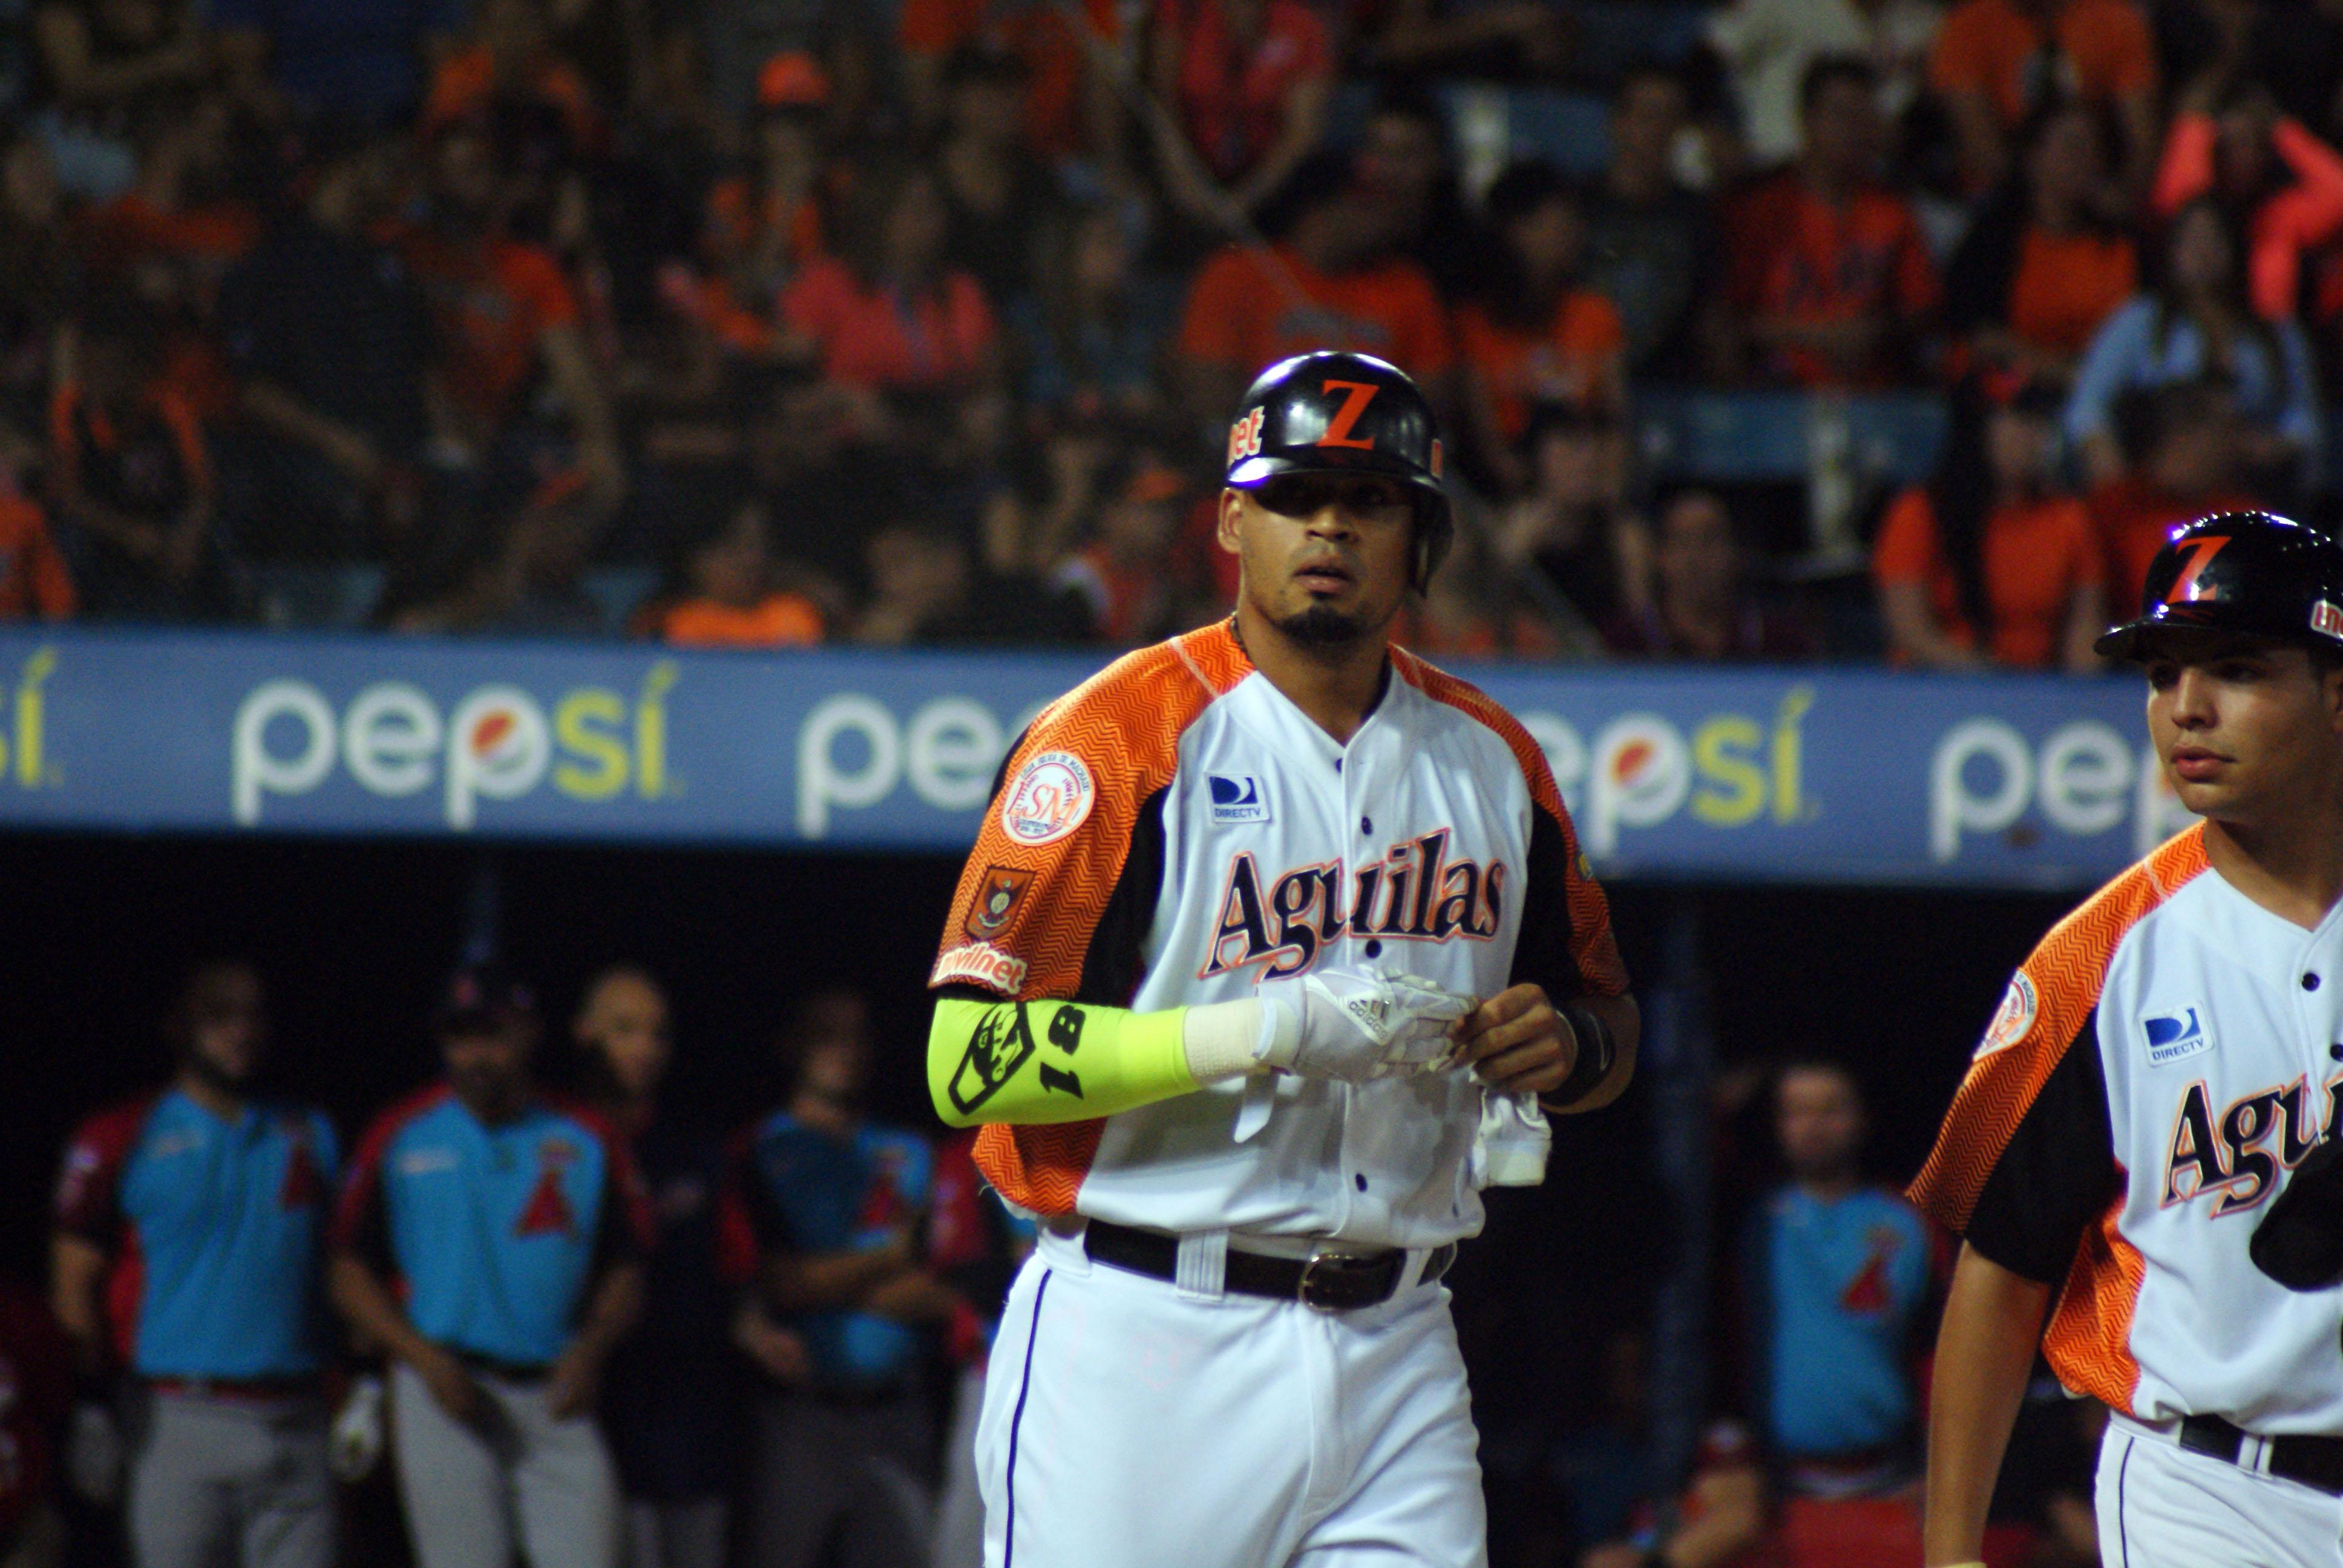 Tercer juego de la final del béisbol suspendido por riñas de aficionados